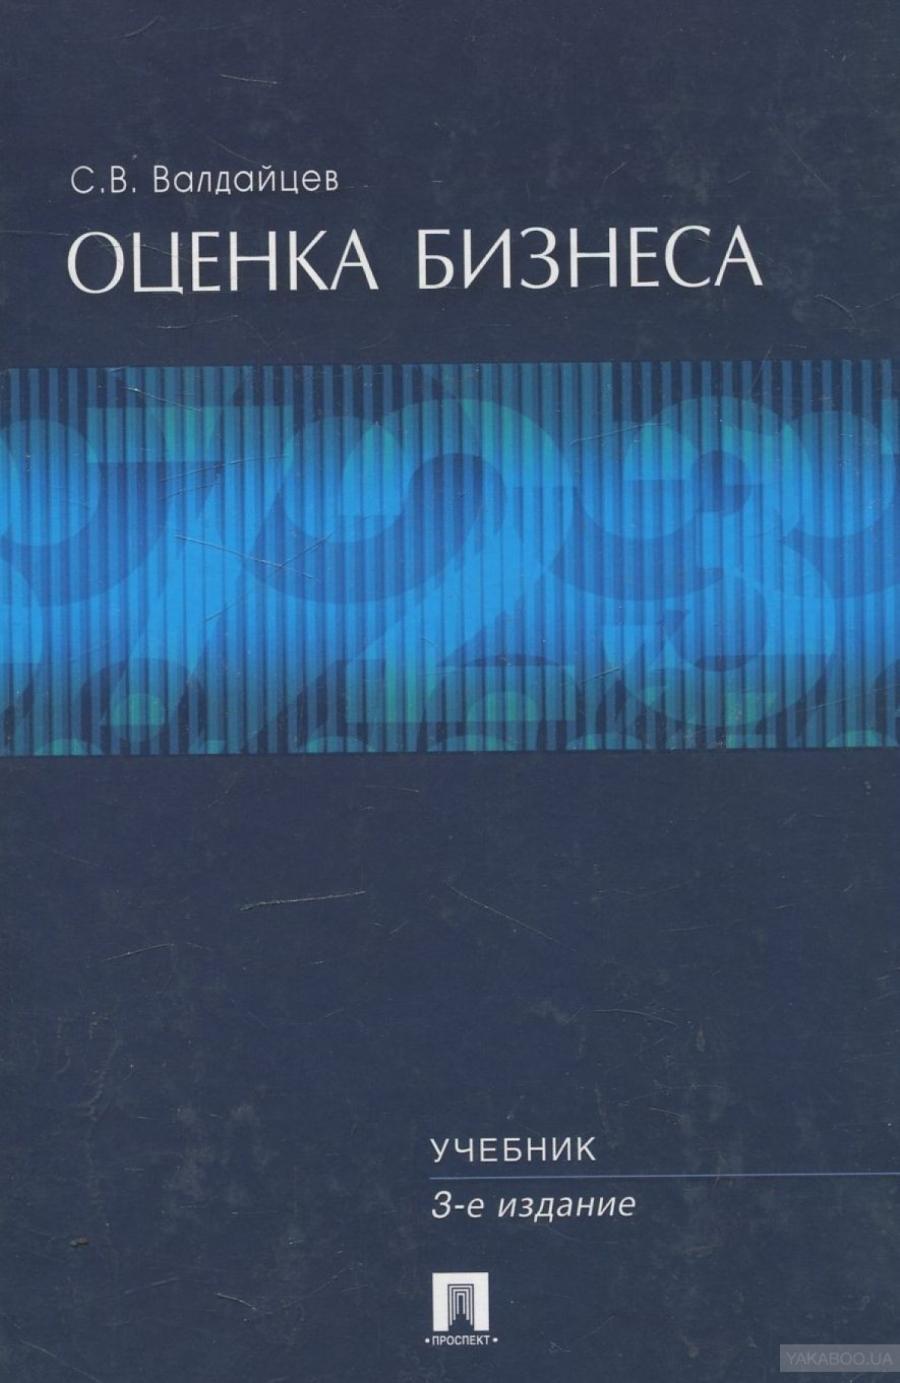 Обложка книги:  в.в. ковалев - финансы